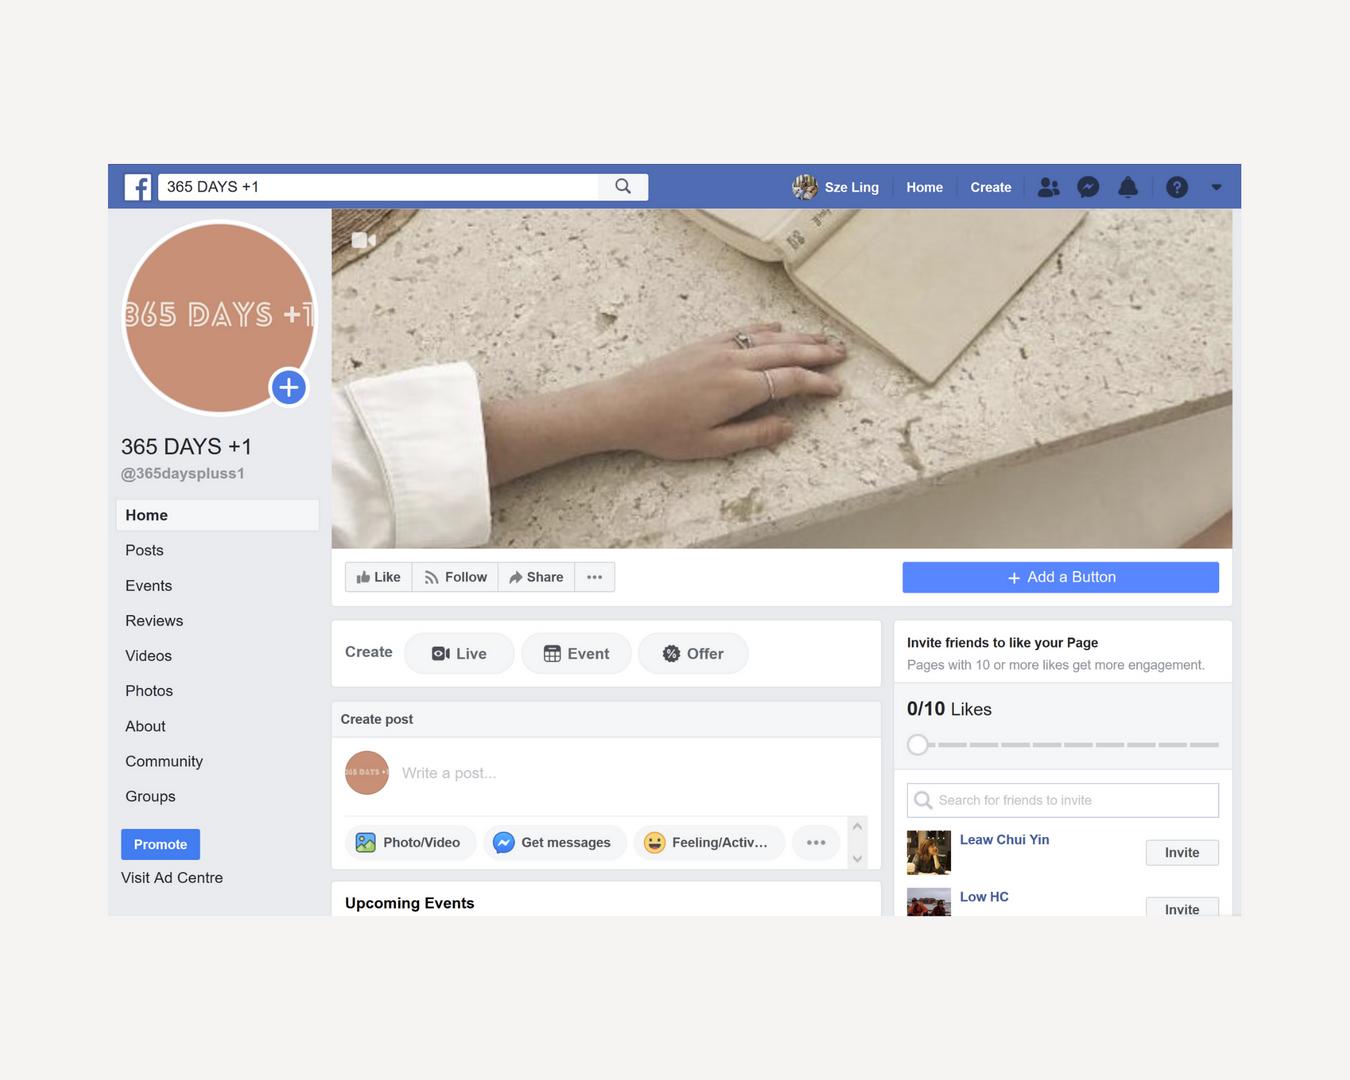 365+1 Days Facebook